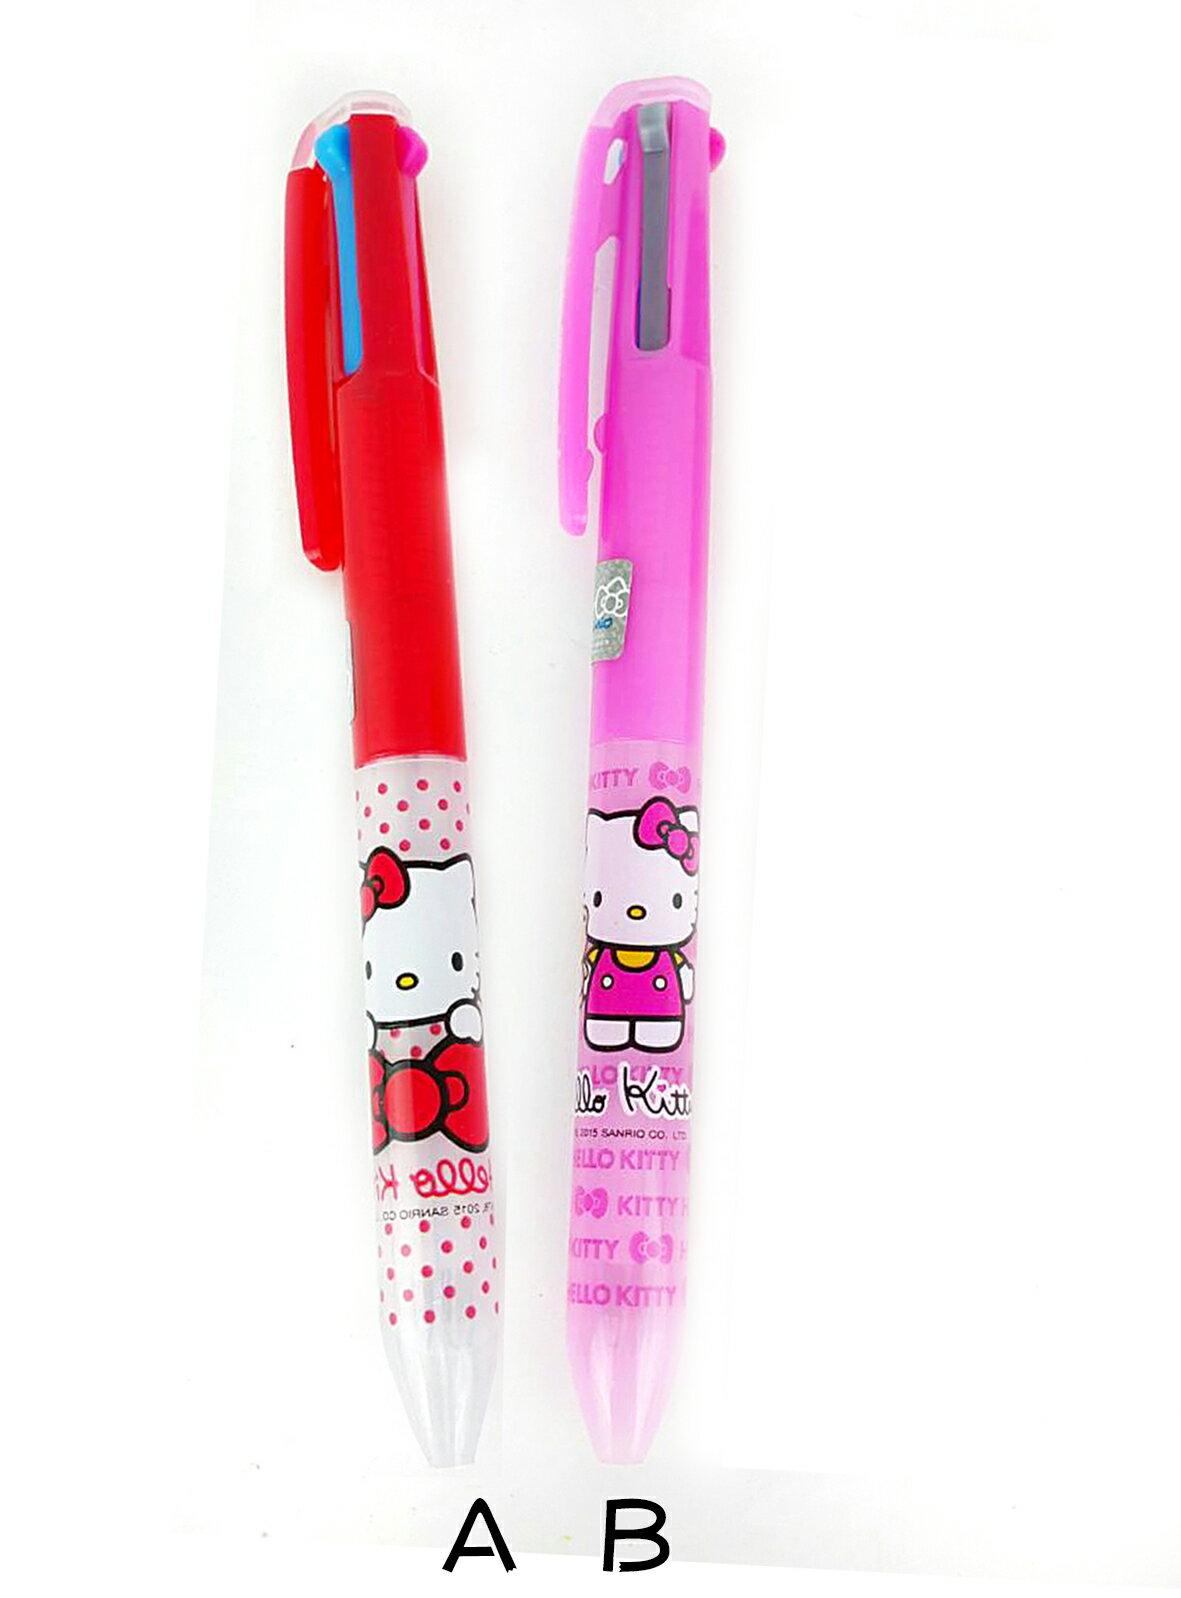 X射線【C962162】KITTY3色自動原子筆-2款,多色筆/多用筆/油性筆/螢光筆/油漆筆